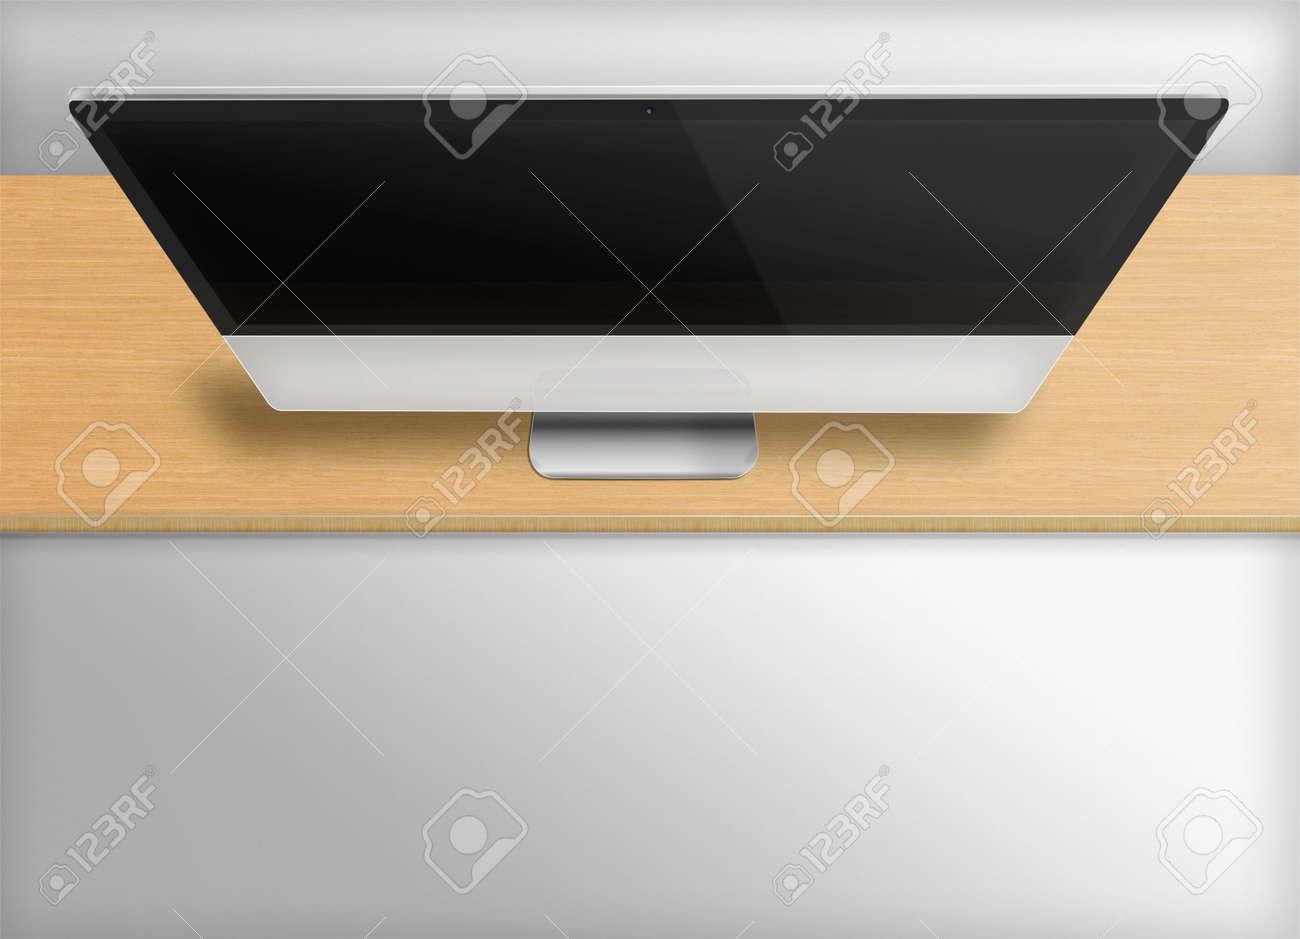 Moniteur de l ordinateur moderne avec écran noir sur le bureau en